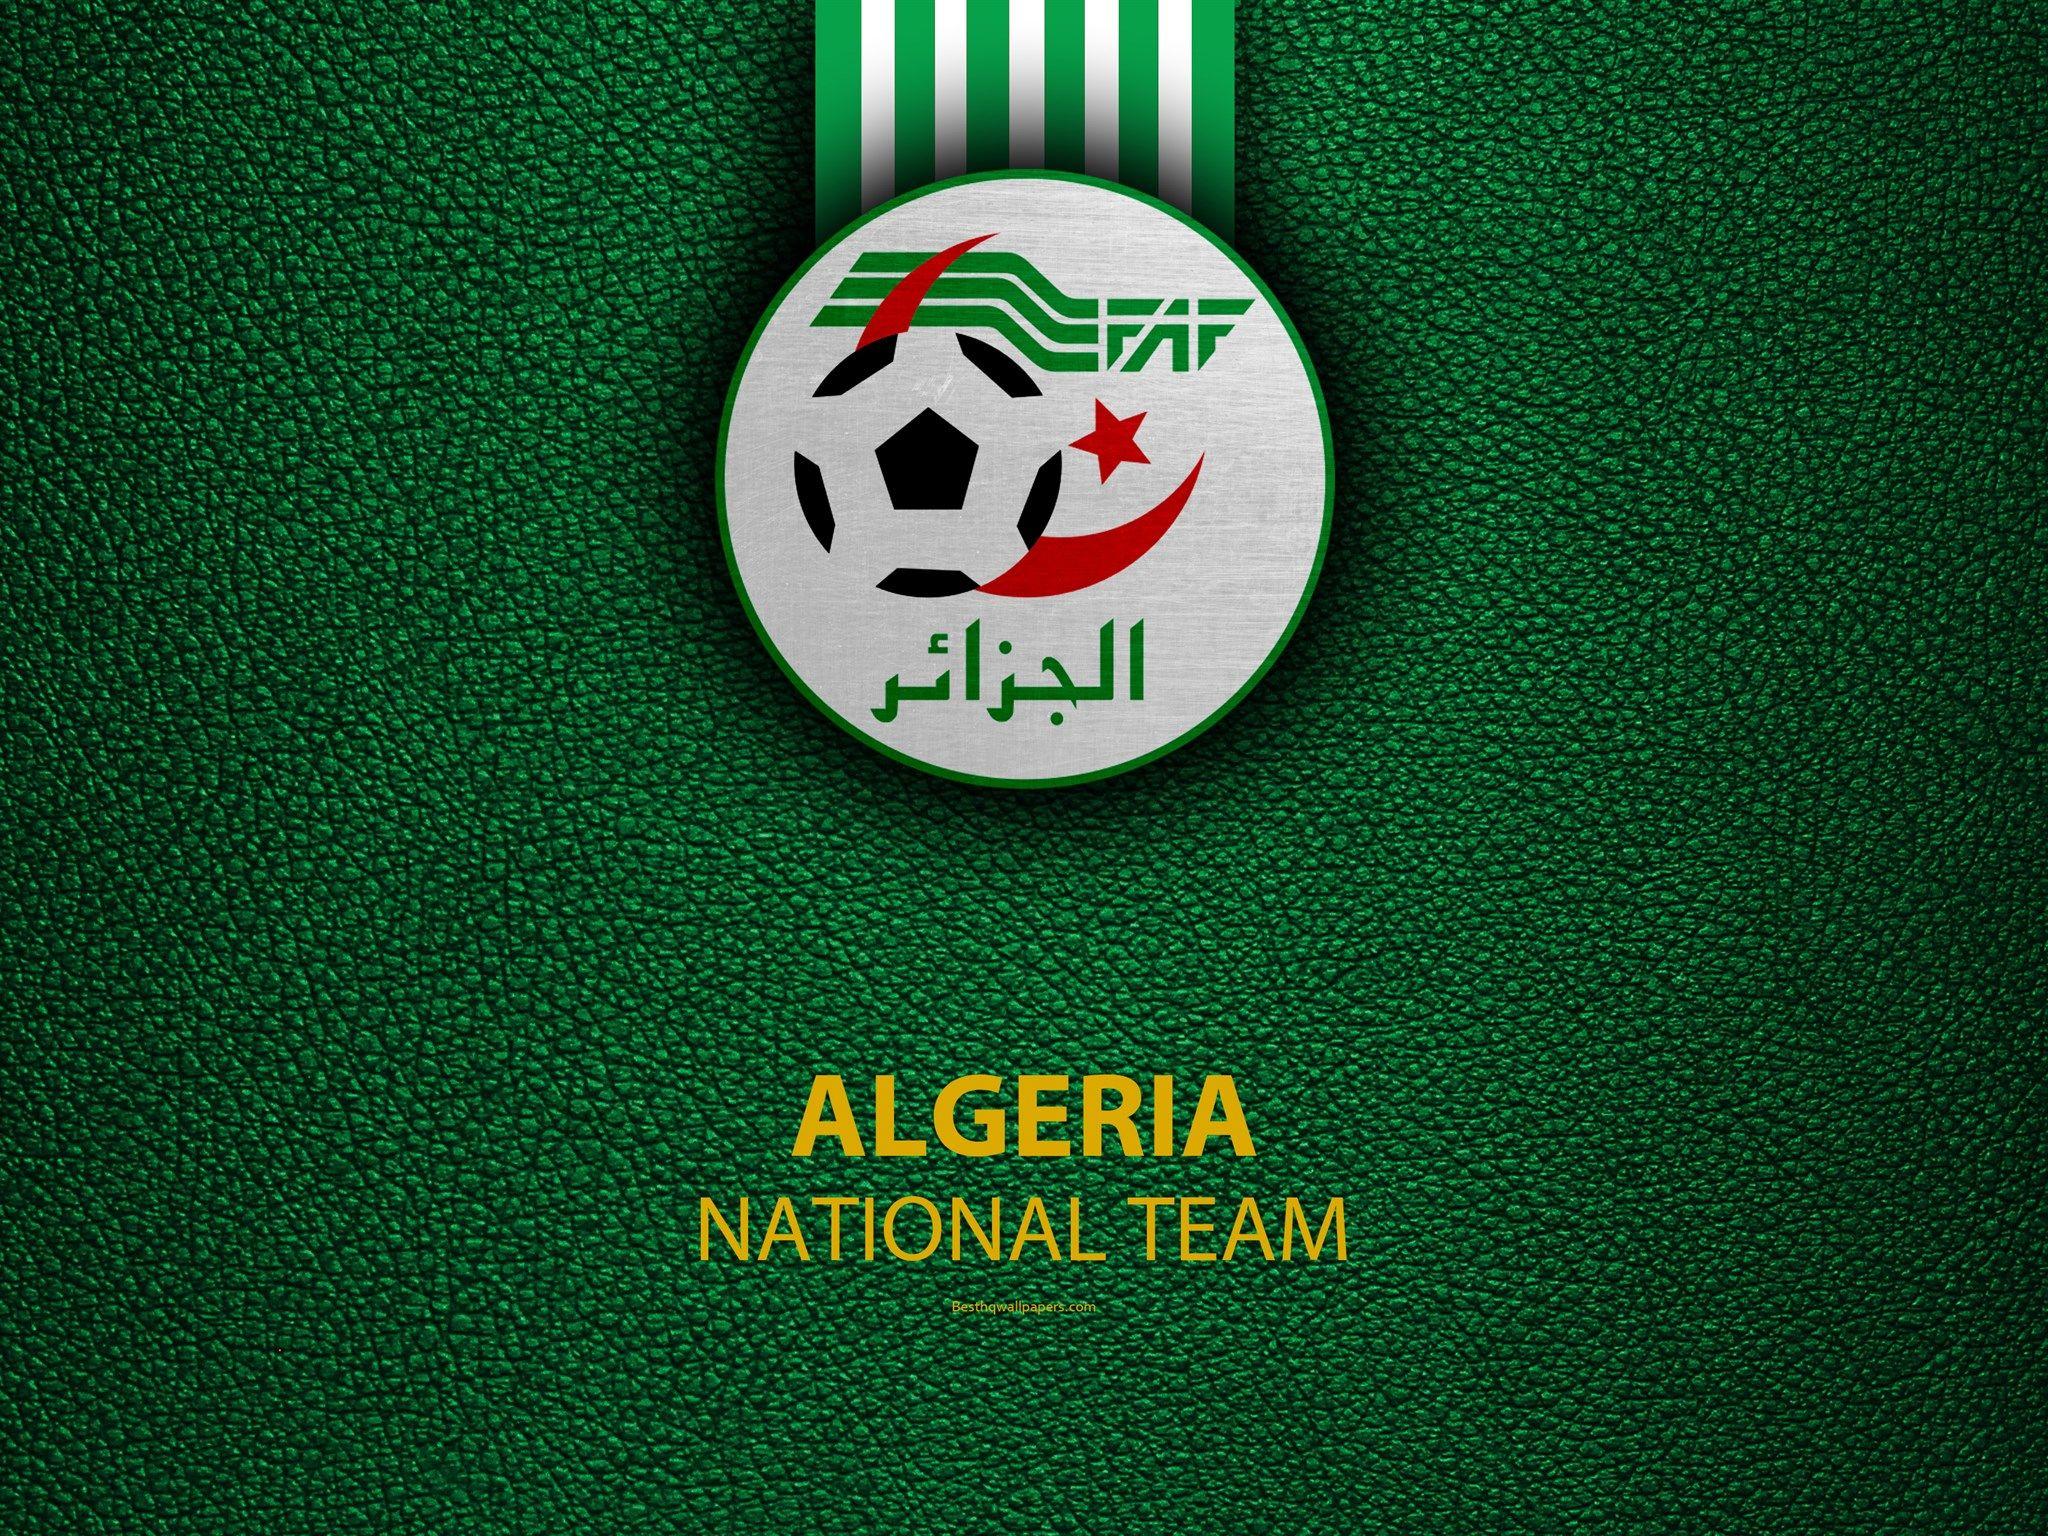 الجزائر الفريق الوطني لكرة القدم 4k جلدية الملمس أفريقيا الجزائرية لكرة القدم شعار الجزائر National Football Teams Football Team Logos National Football